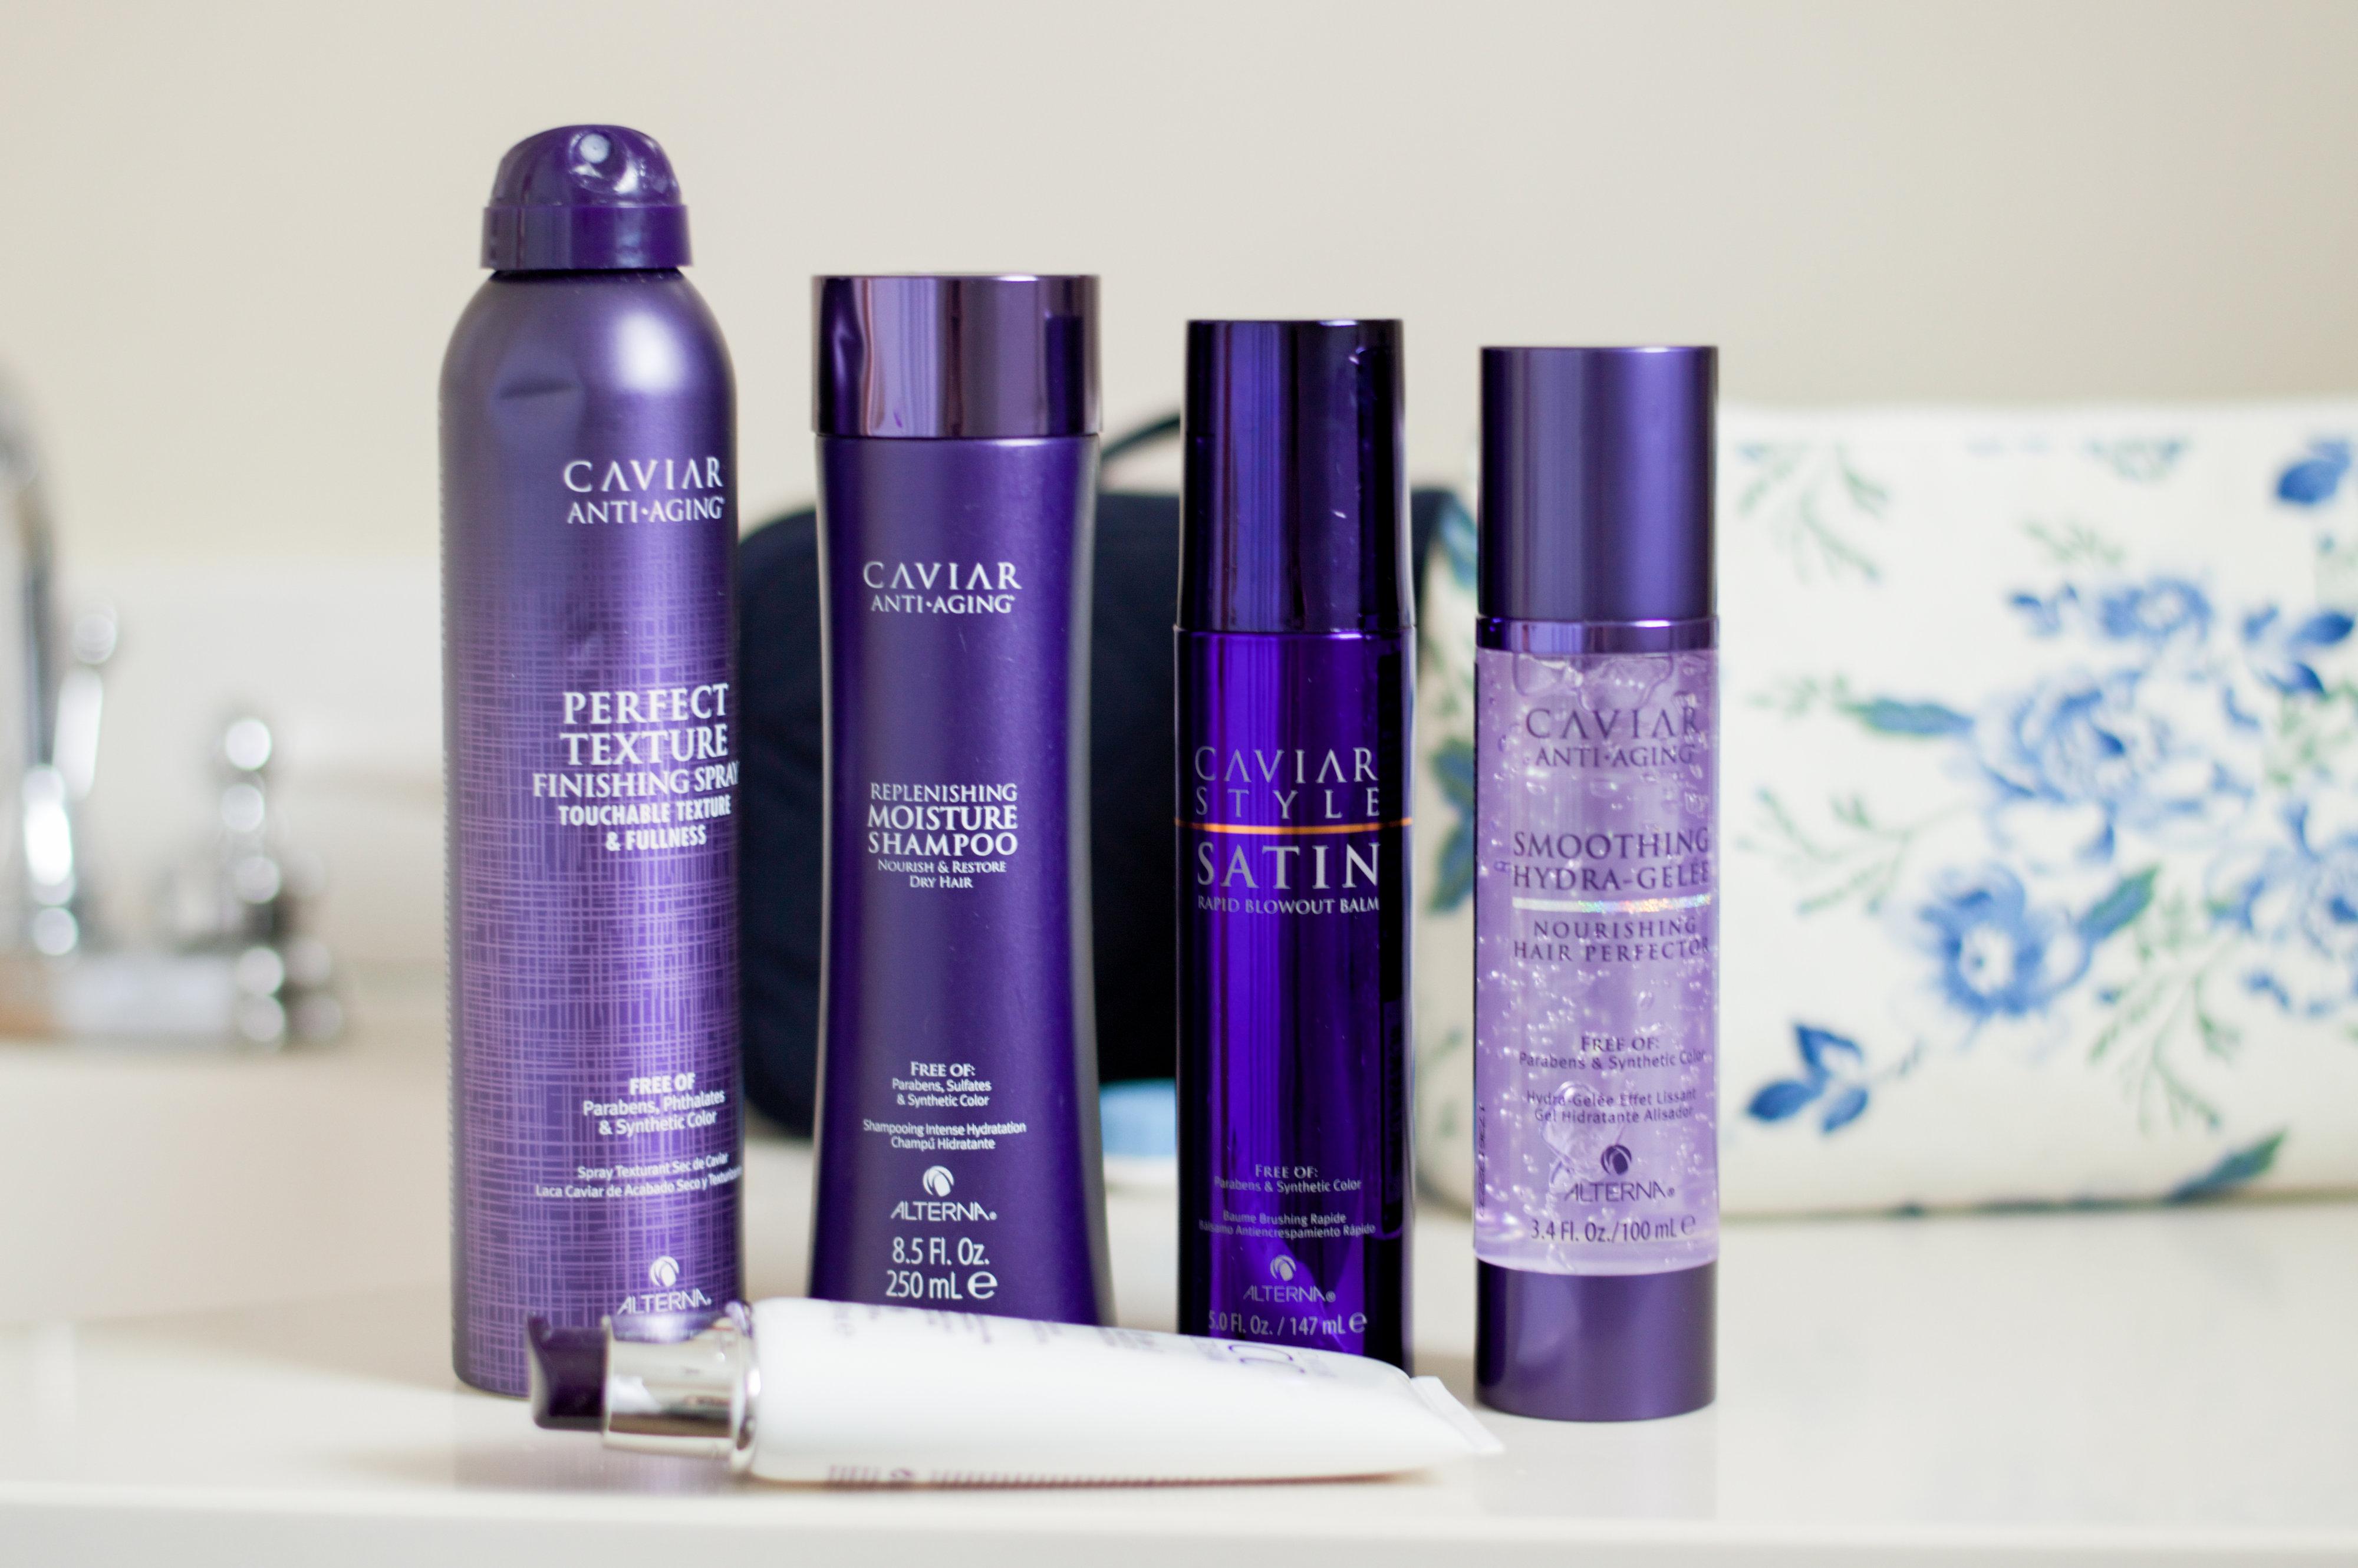 Holiday Hair How To, Alterna Hair Products, Alterna Shampoo, Alterna Conditioner